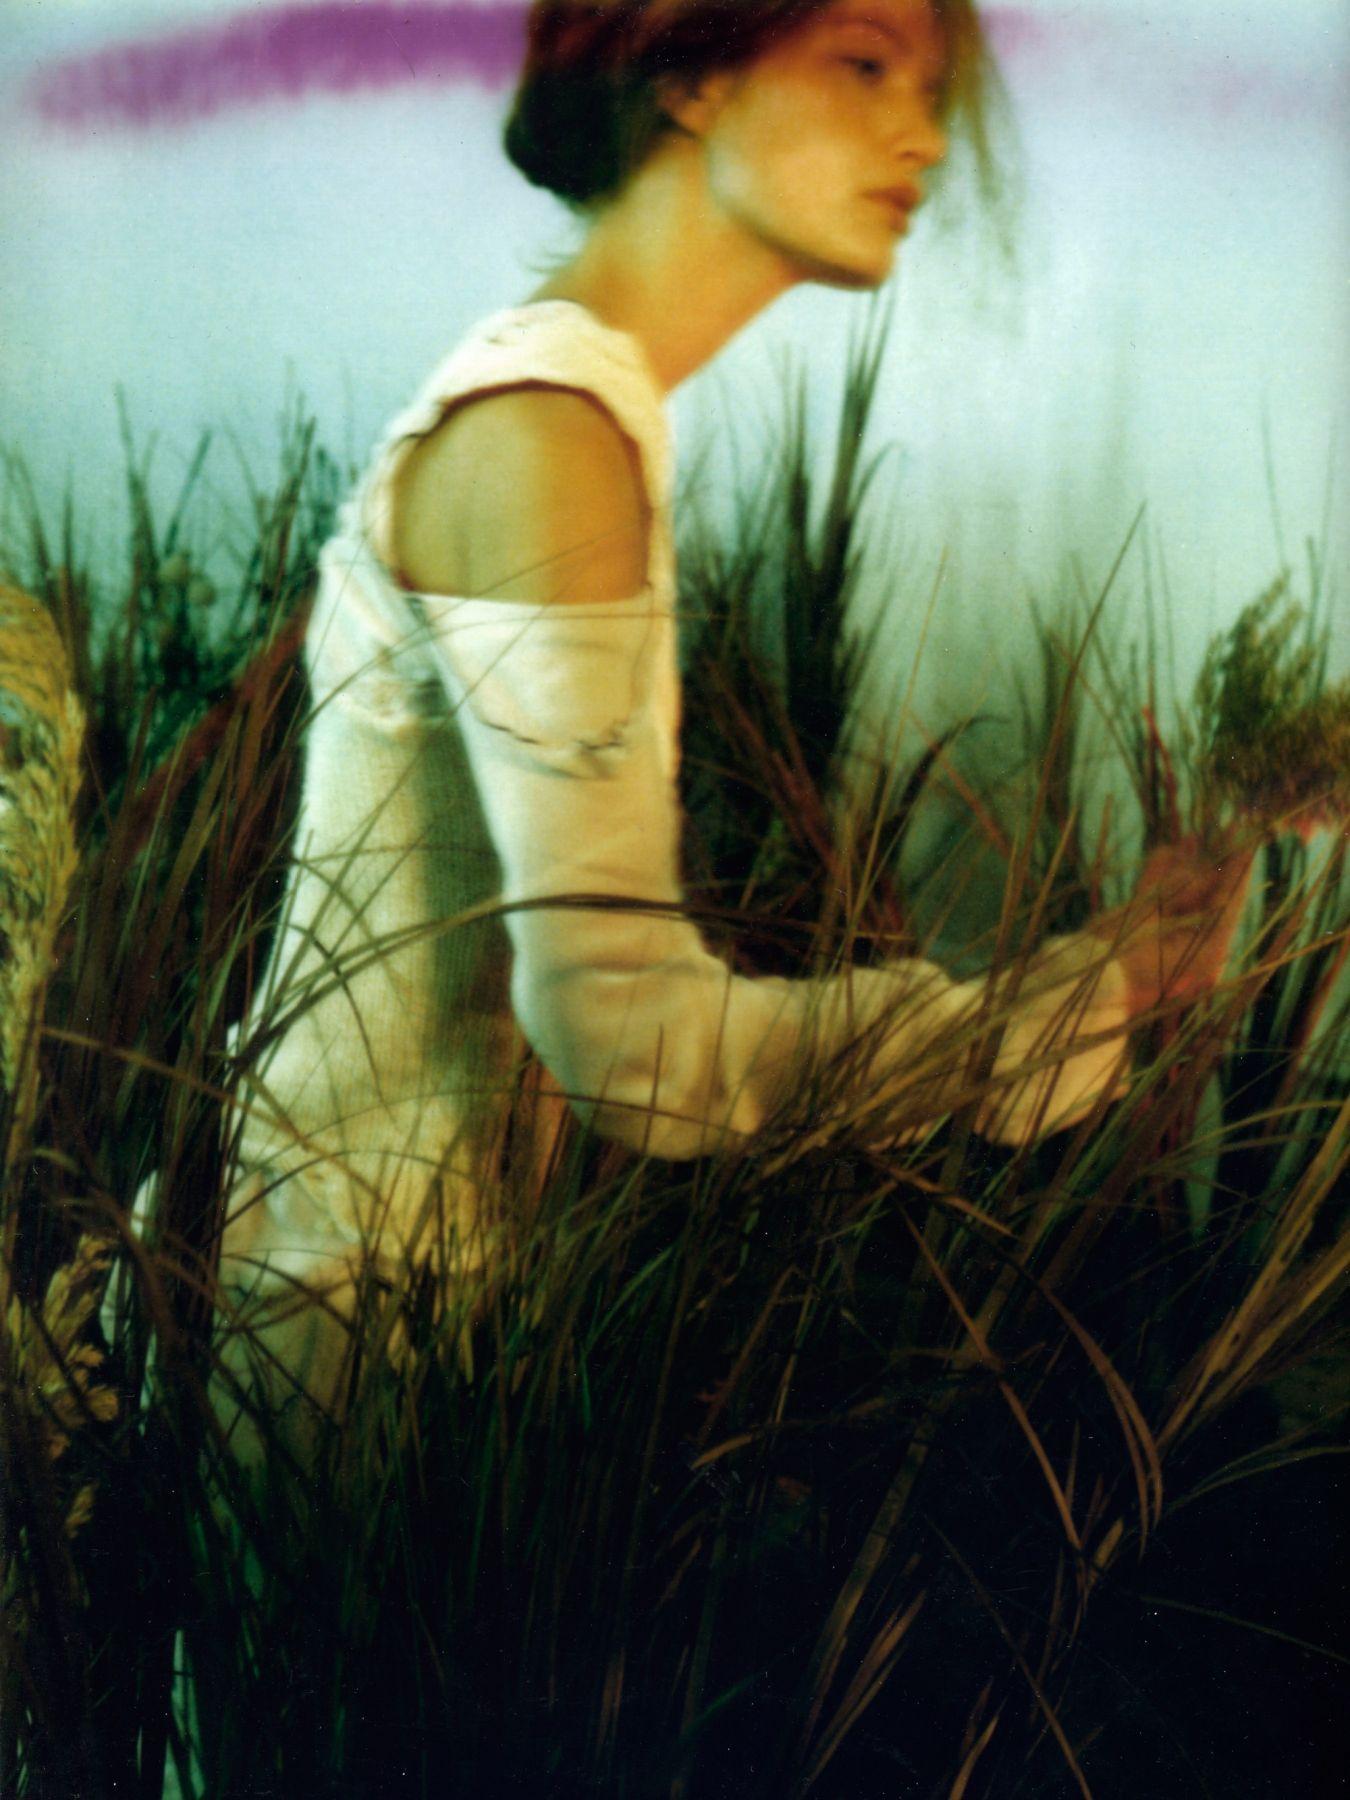 Patrick de Warren, Awoken Dream, Girl in Field 2, 2000, Sous Les Etoiles Gallery